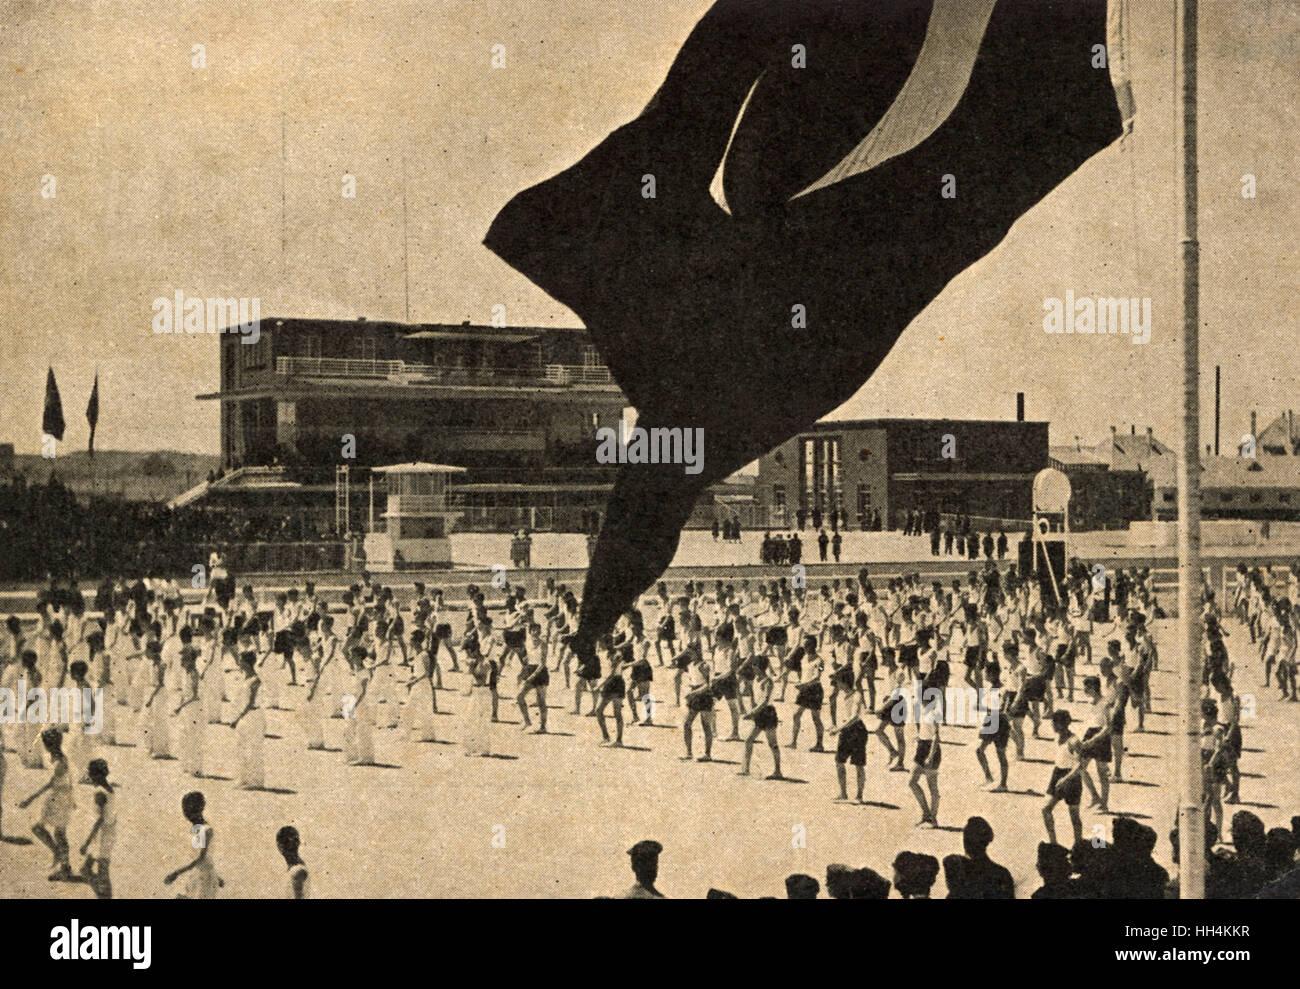 Demostración de gimnasia en el estadio, Ankara, Turquía. Imagen De Stock